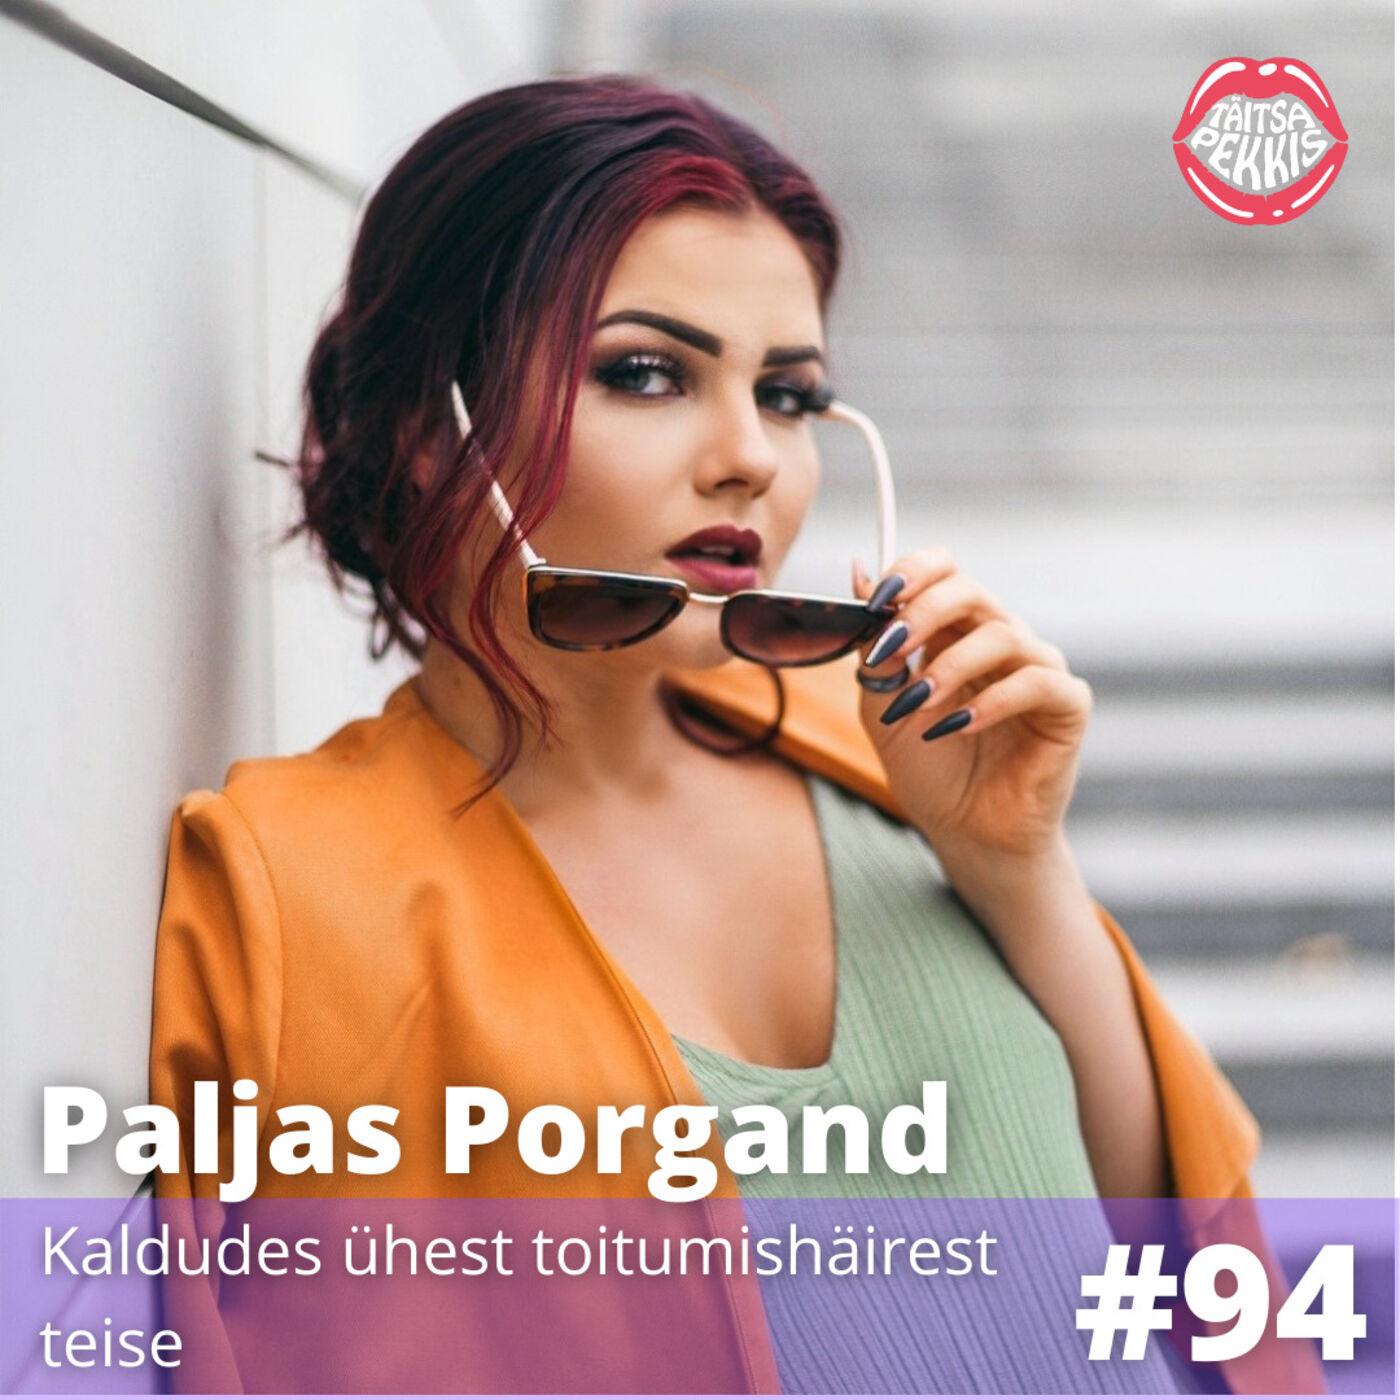 #94 - Paljas Porgand - Kaldudes ühest toitumishäirest teise